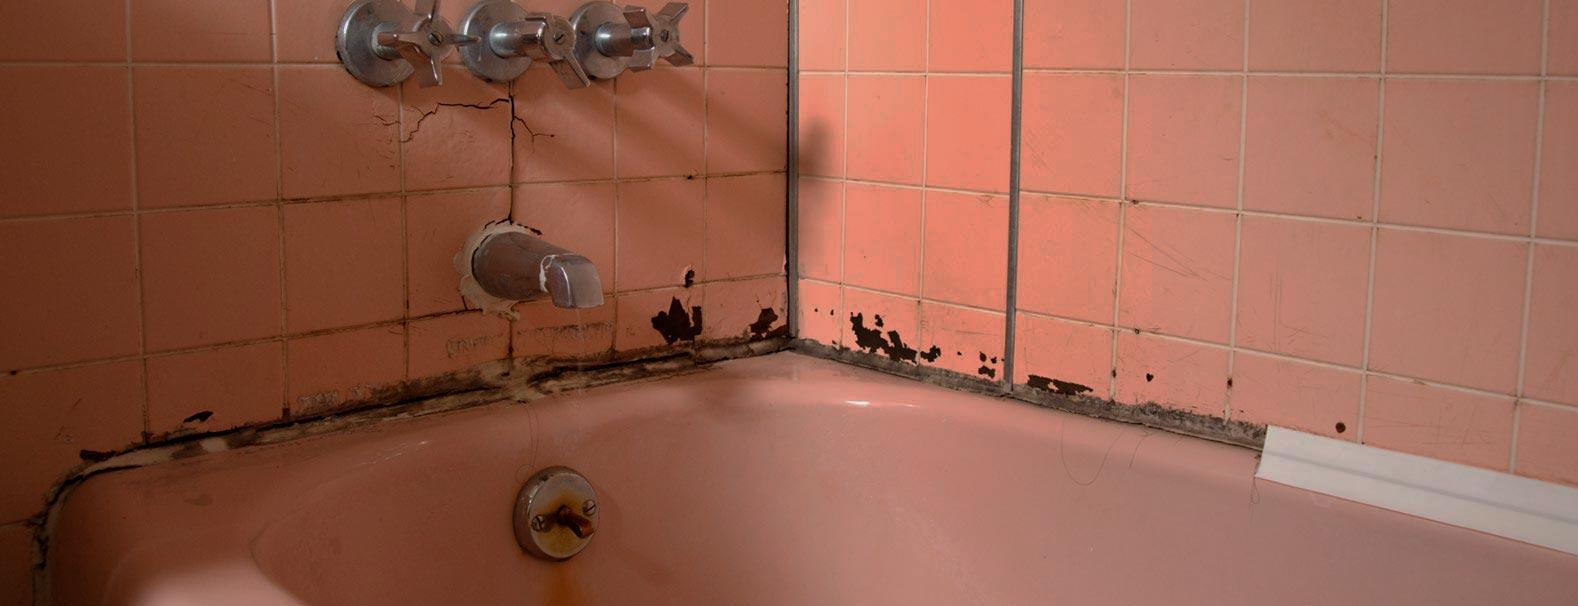 грибки и плесень в ванной комнате